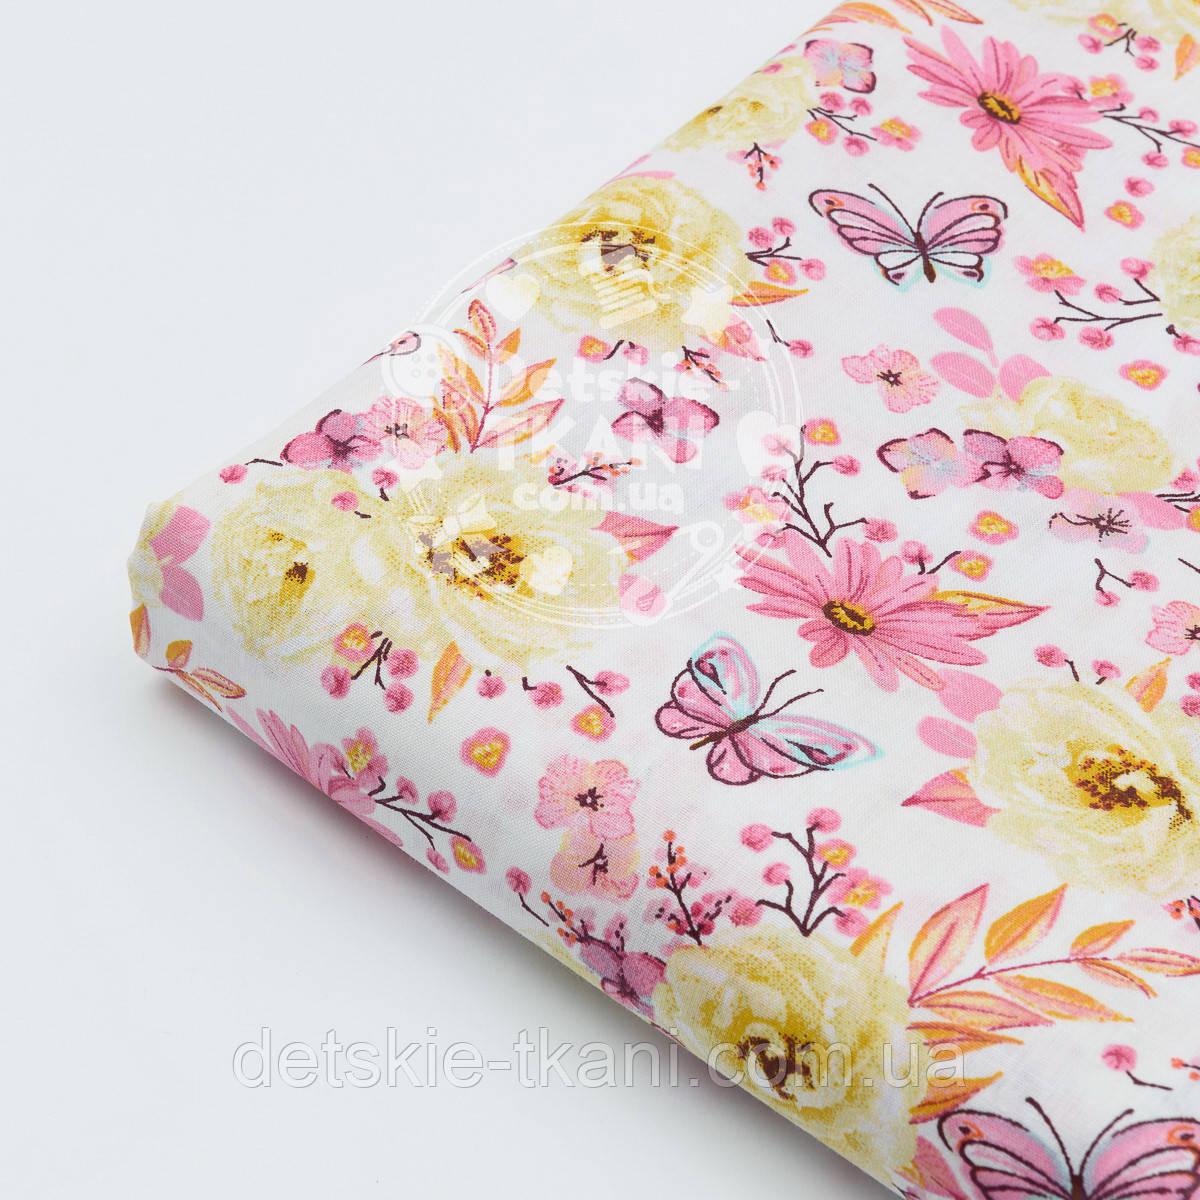 """Отрез ткани """"Цветочки среднего размера розовые и жёлтые с бабочками"""" № 1524а"""